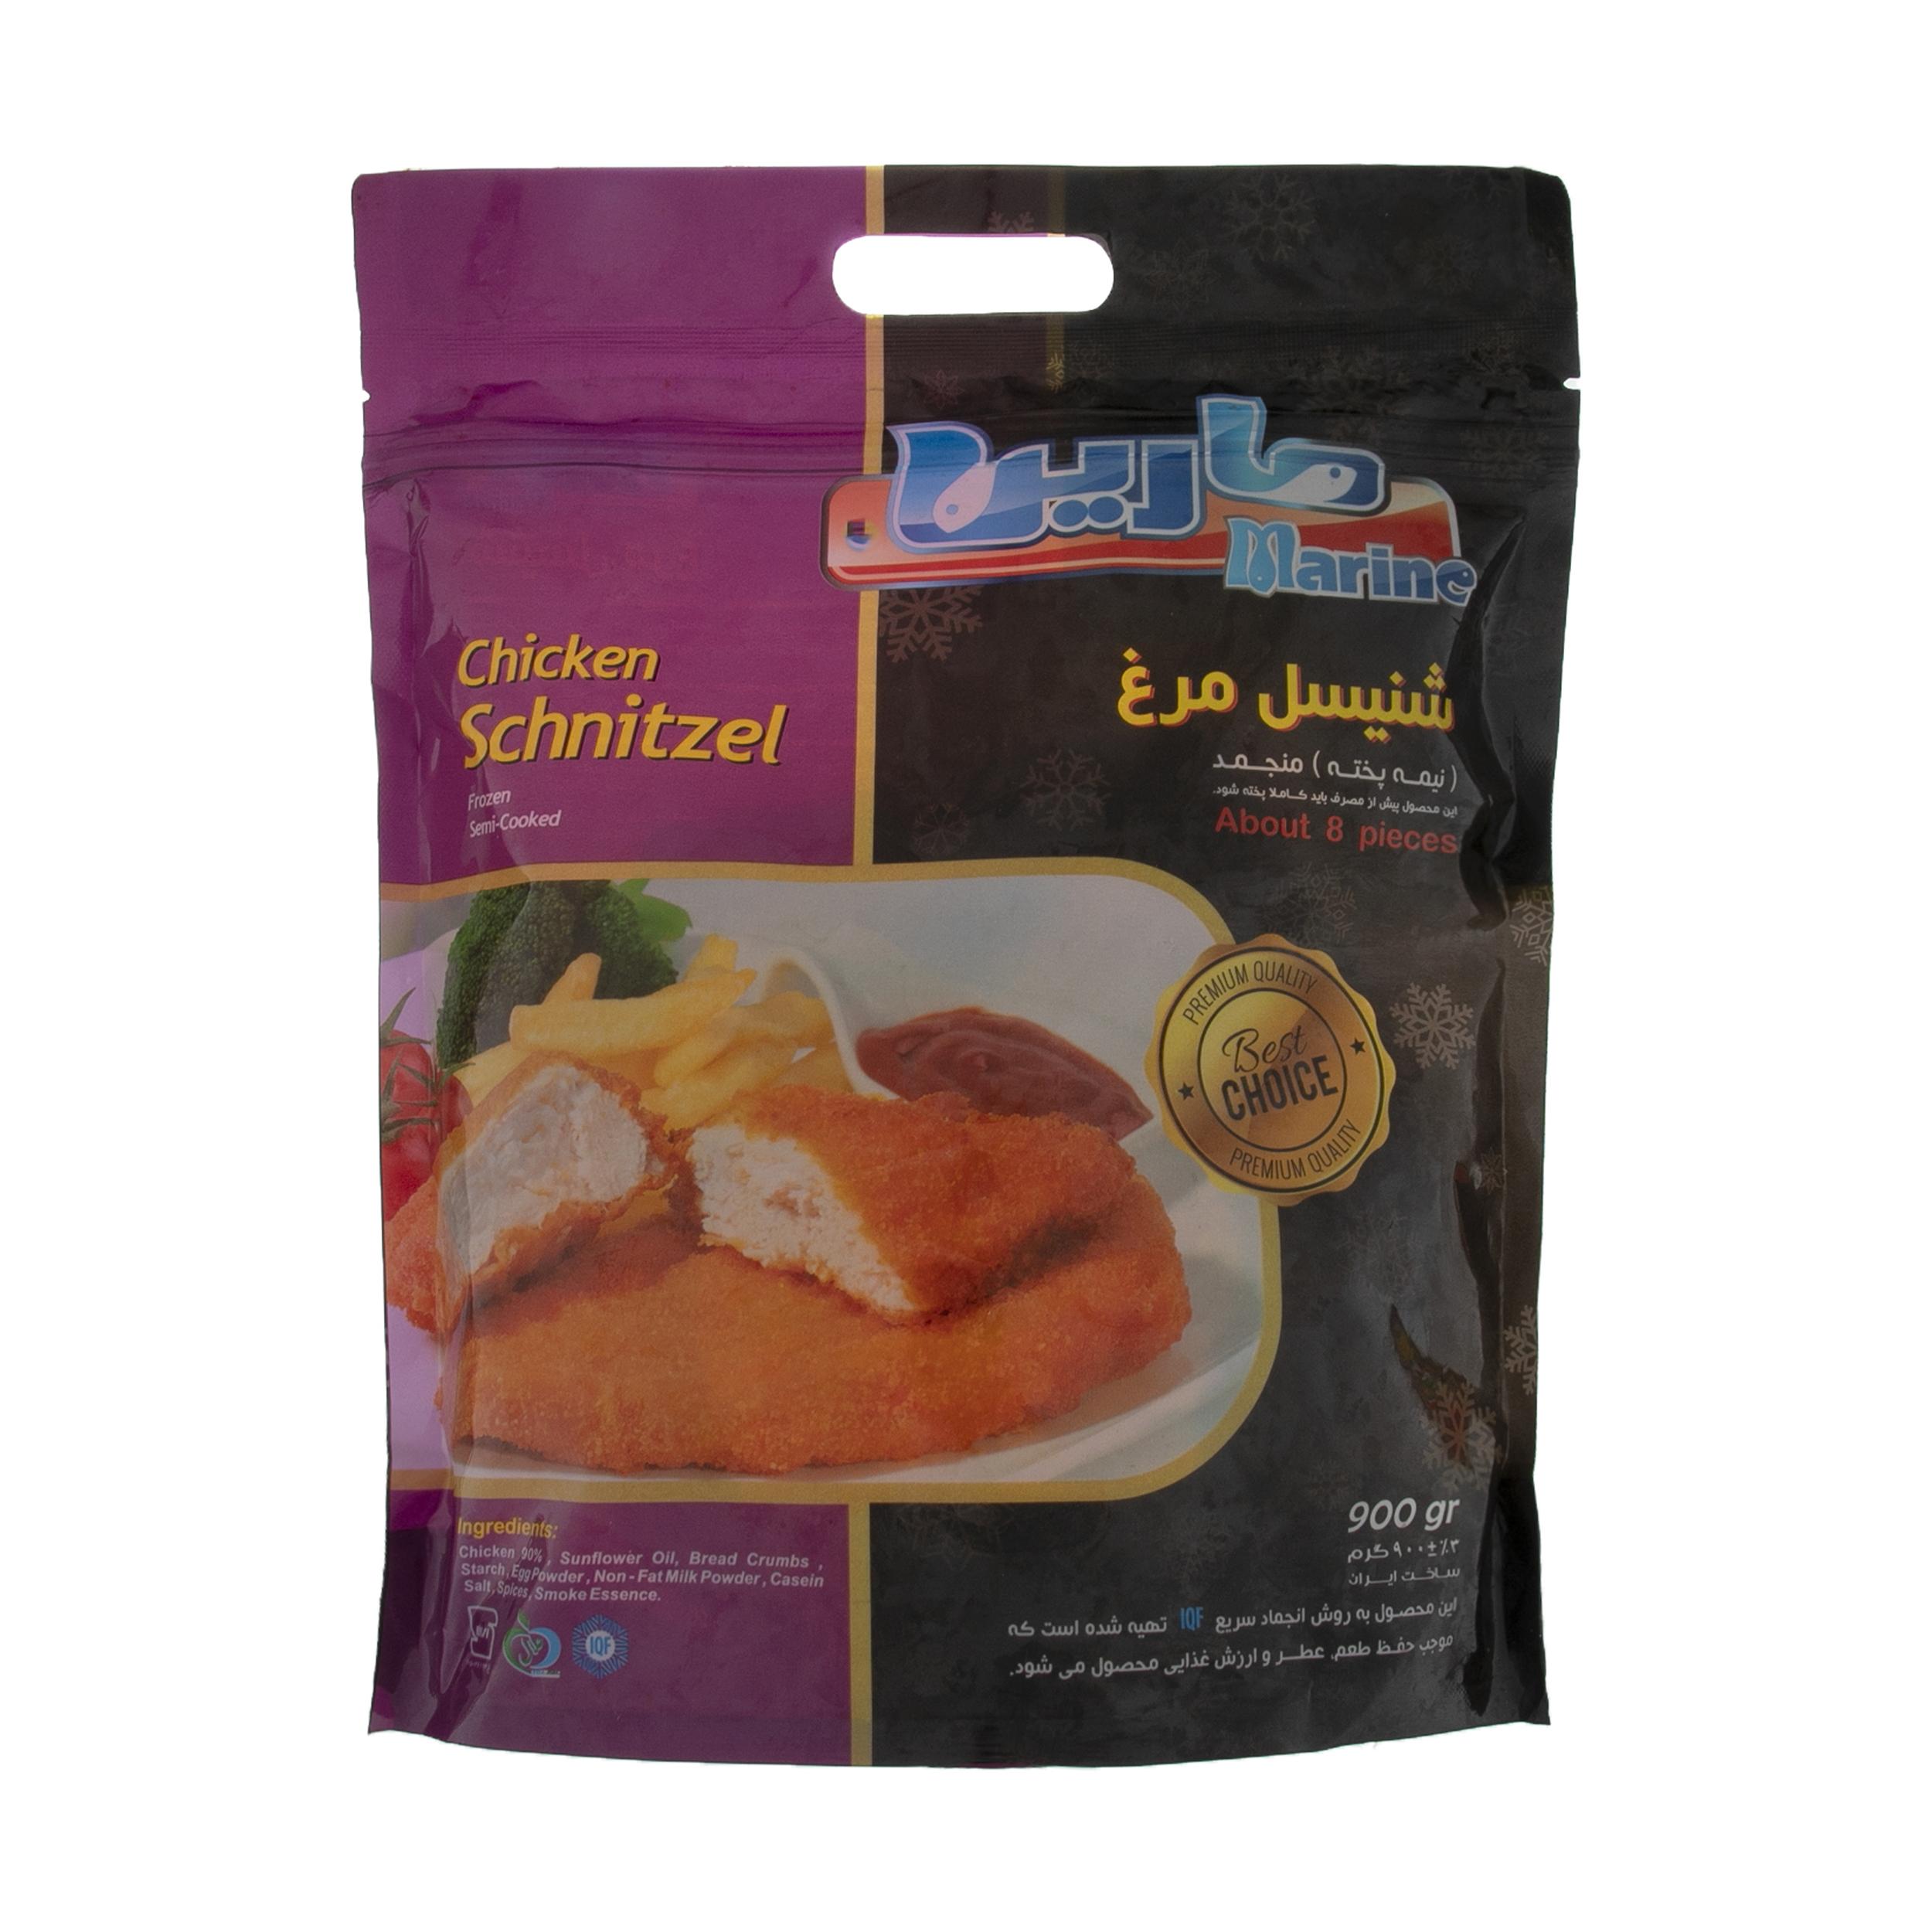 شنیسل سینه مرغ منجمد مارین - 900 گرم